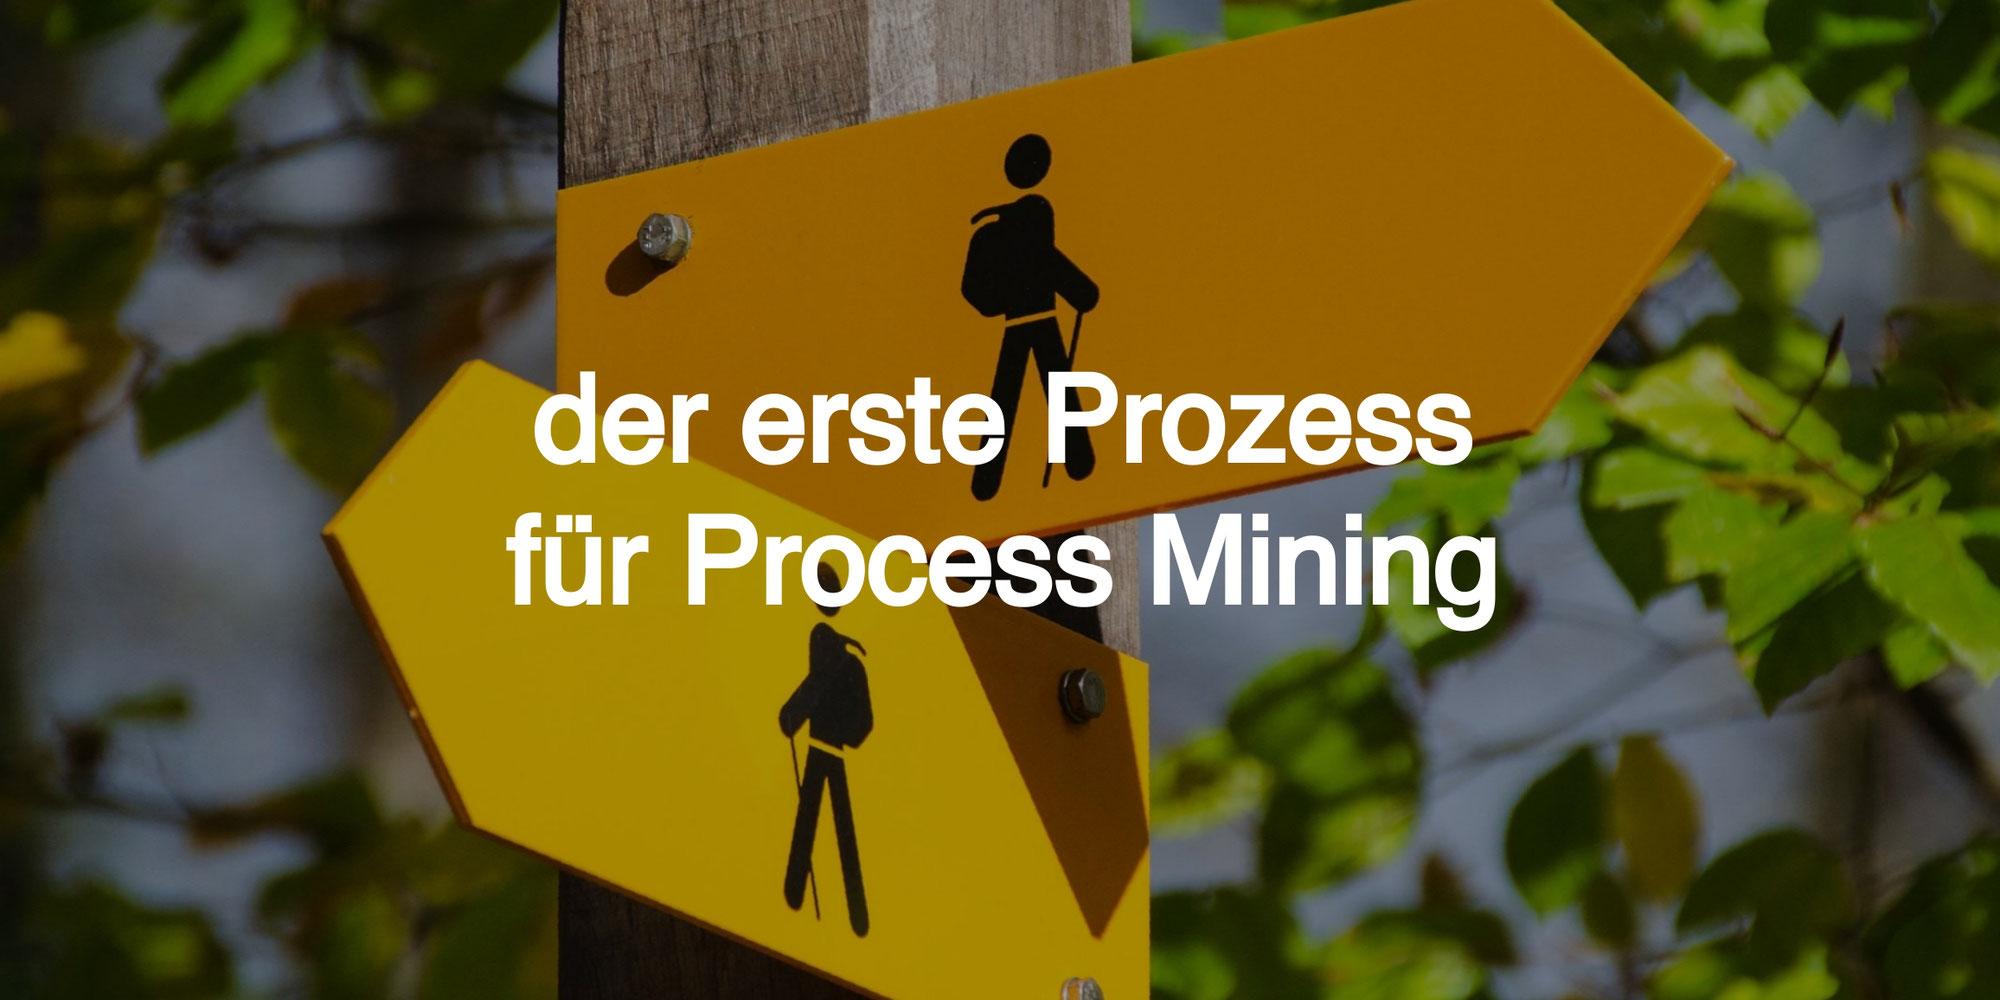 Der erste Prozess für Process Mining